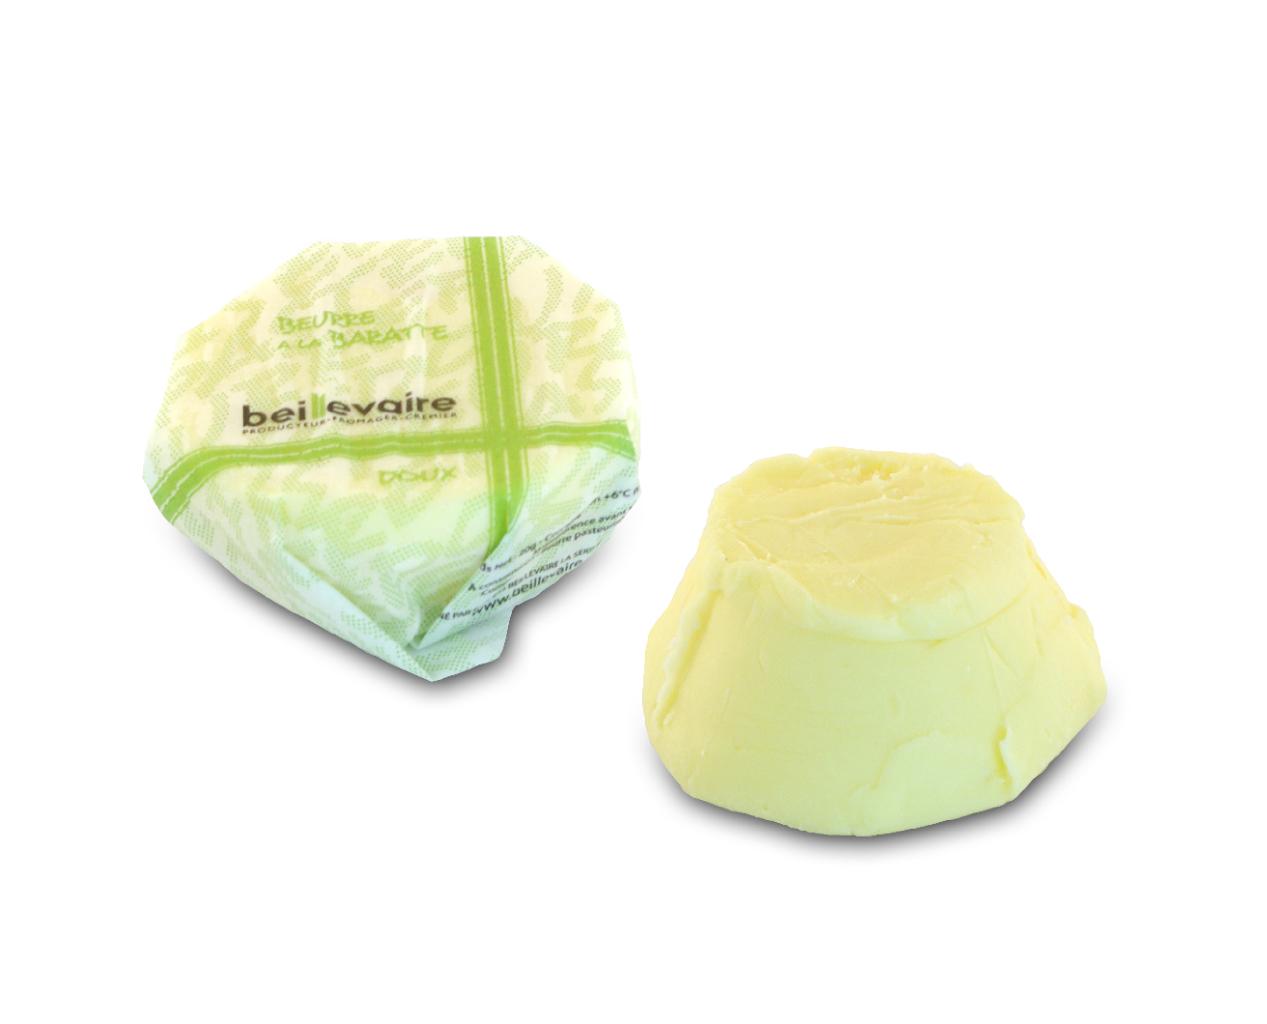 Beurre artisanal pasteurisé doux, Beillevaire (20 g)